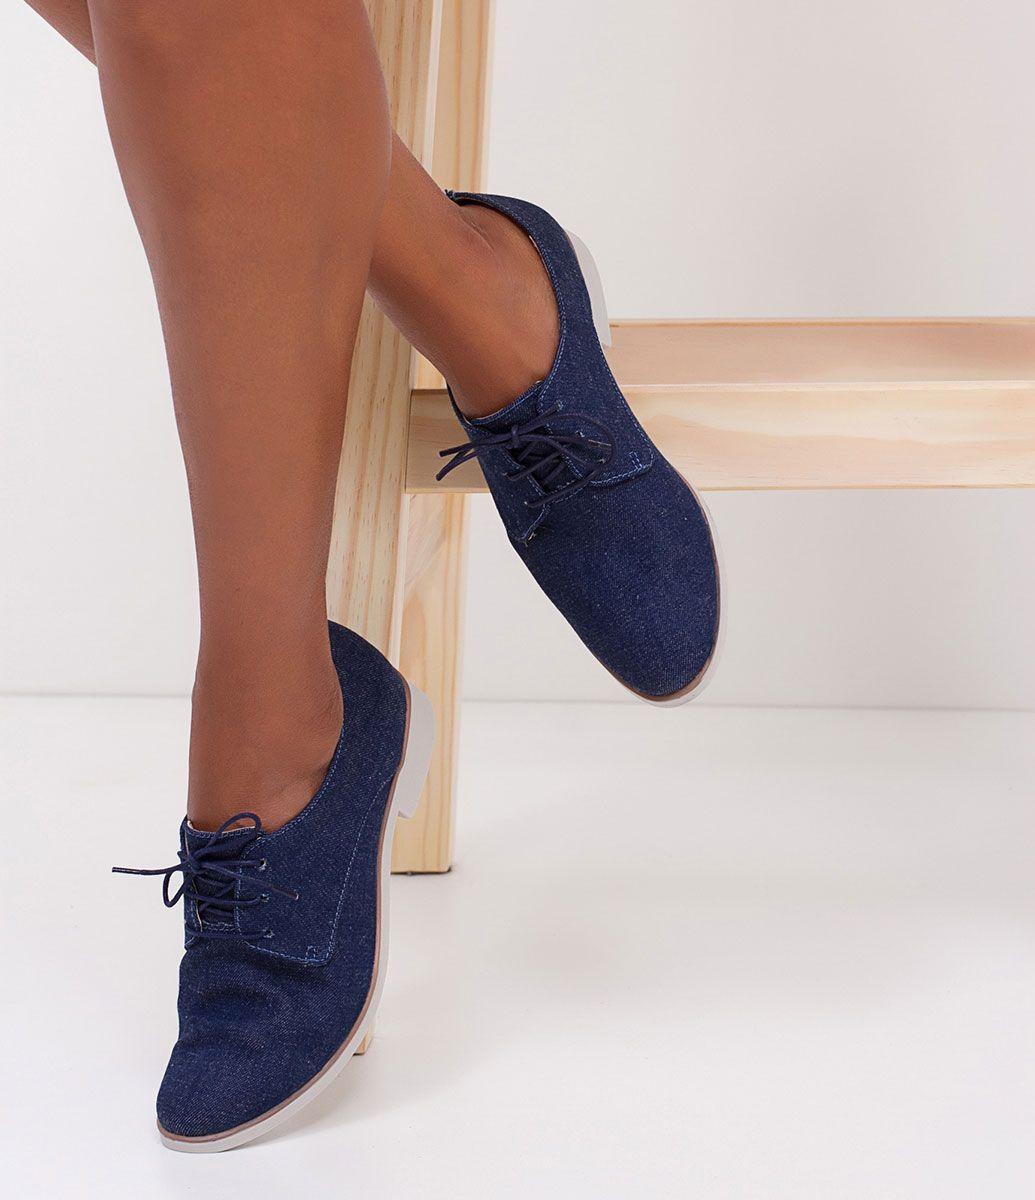 08aba6c1d9 Sapato feminino Material  jeans Oxford Marca  Bottero COLEÇÃO VERÃO 2017  Veja outras opções de